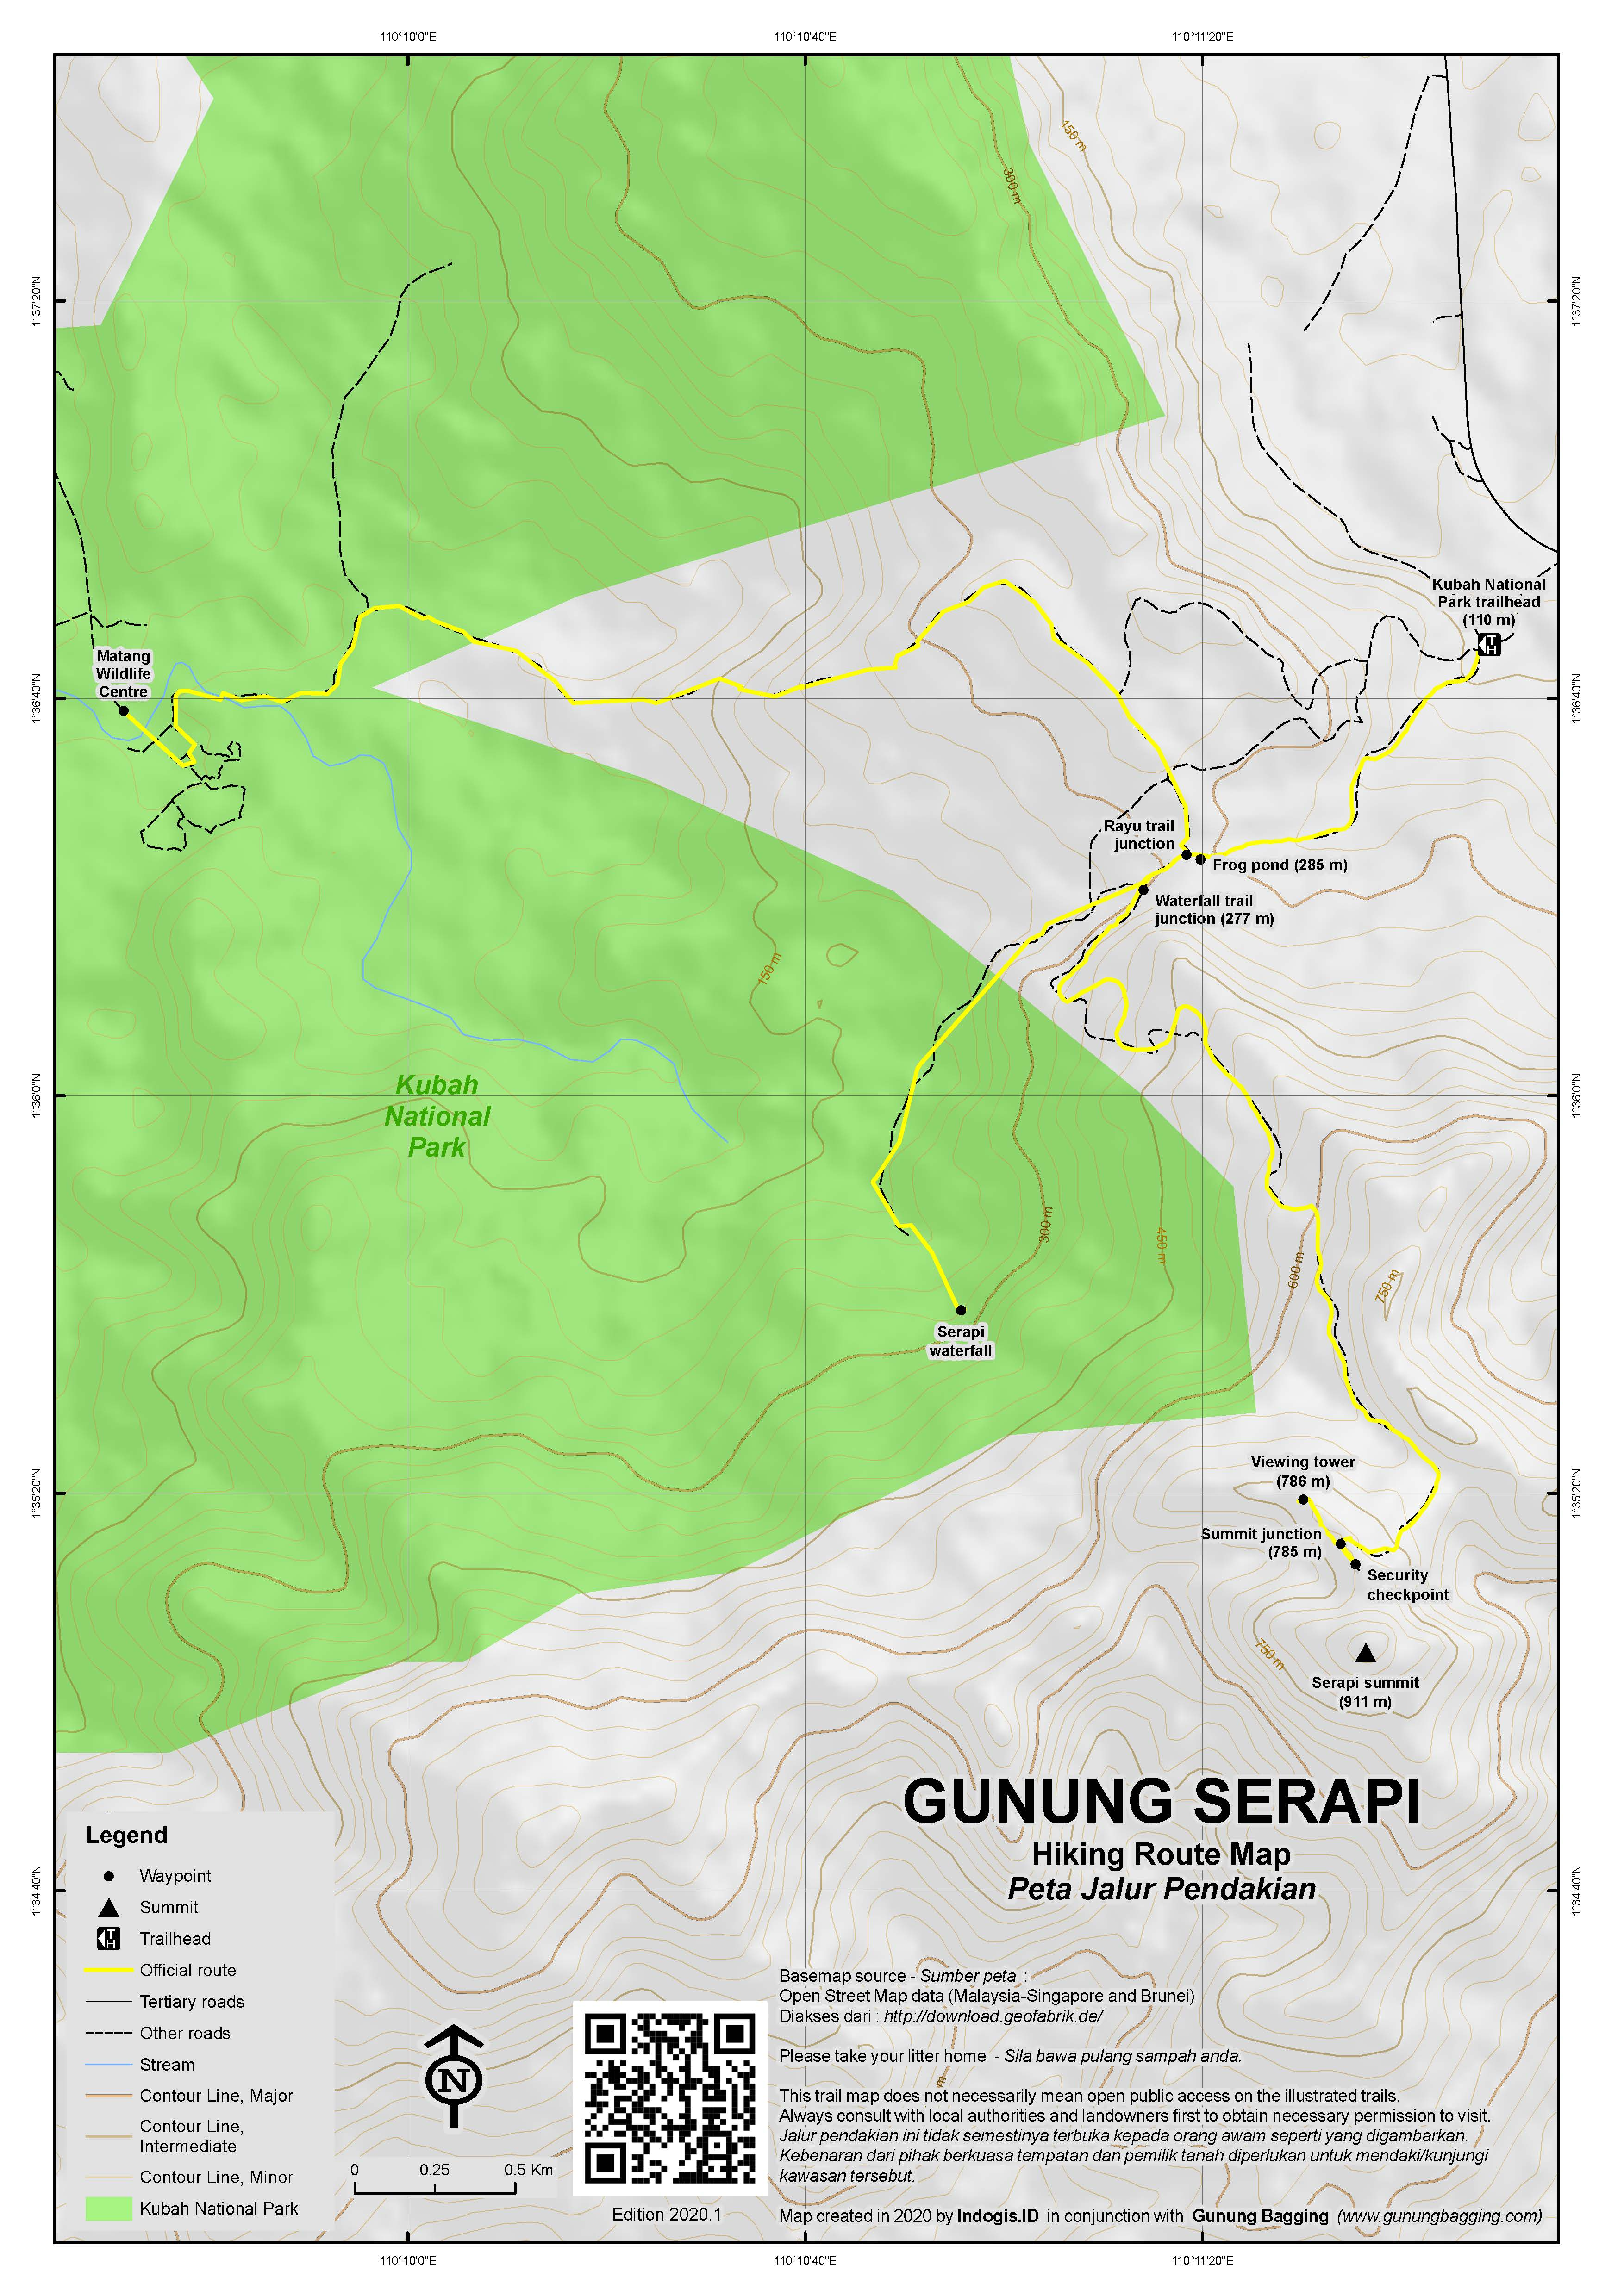 Peta Jalur Pendakian Gunung Serapi